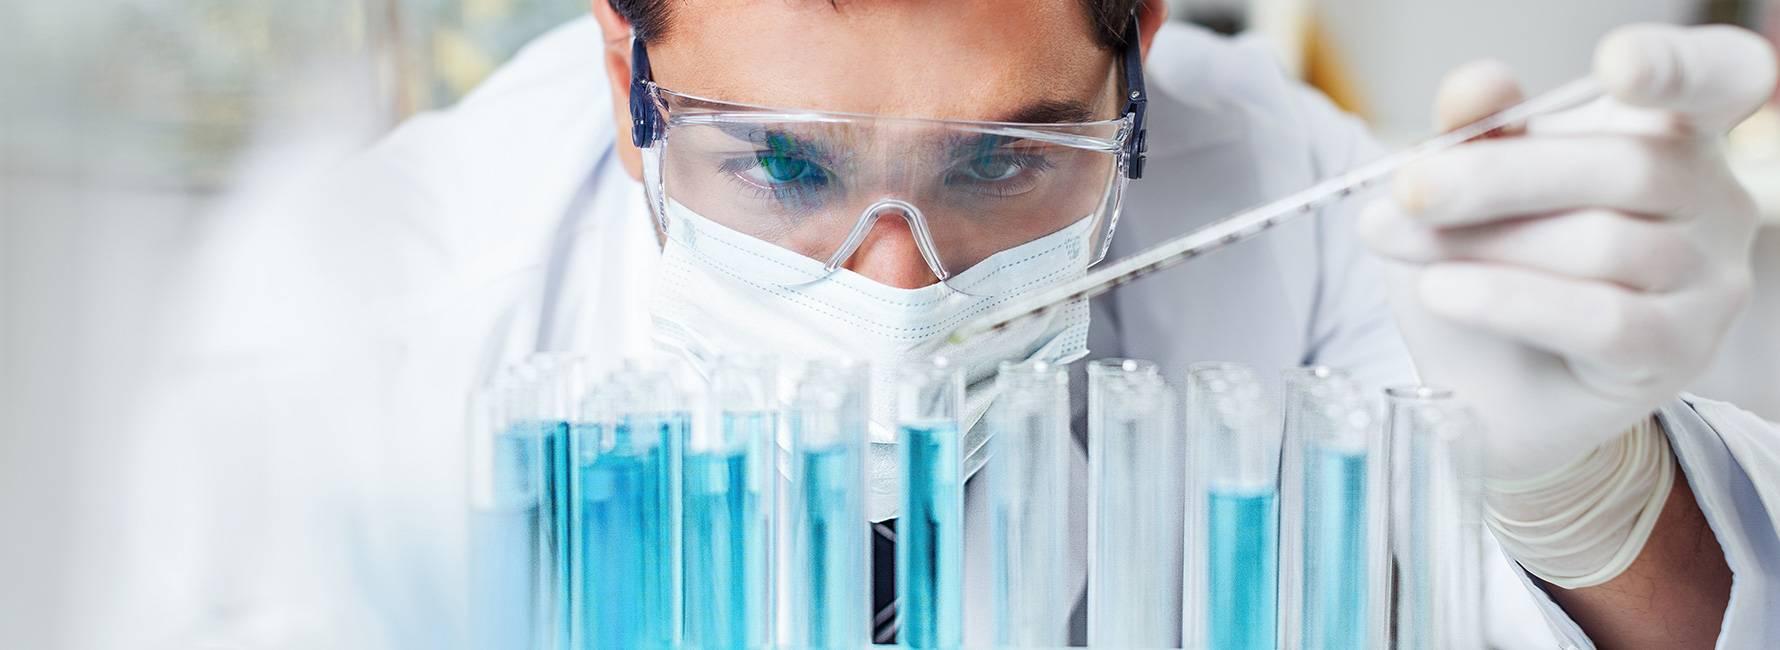 La toxicologie et l'écotoxicologie